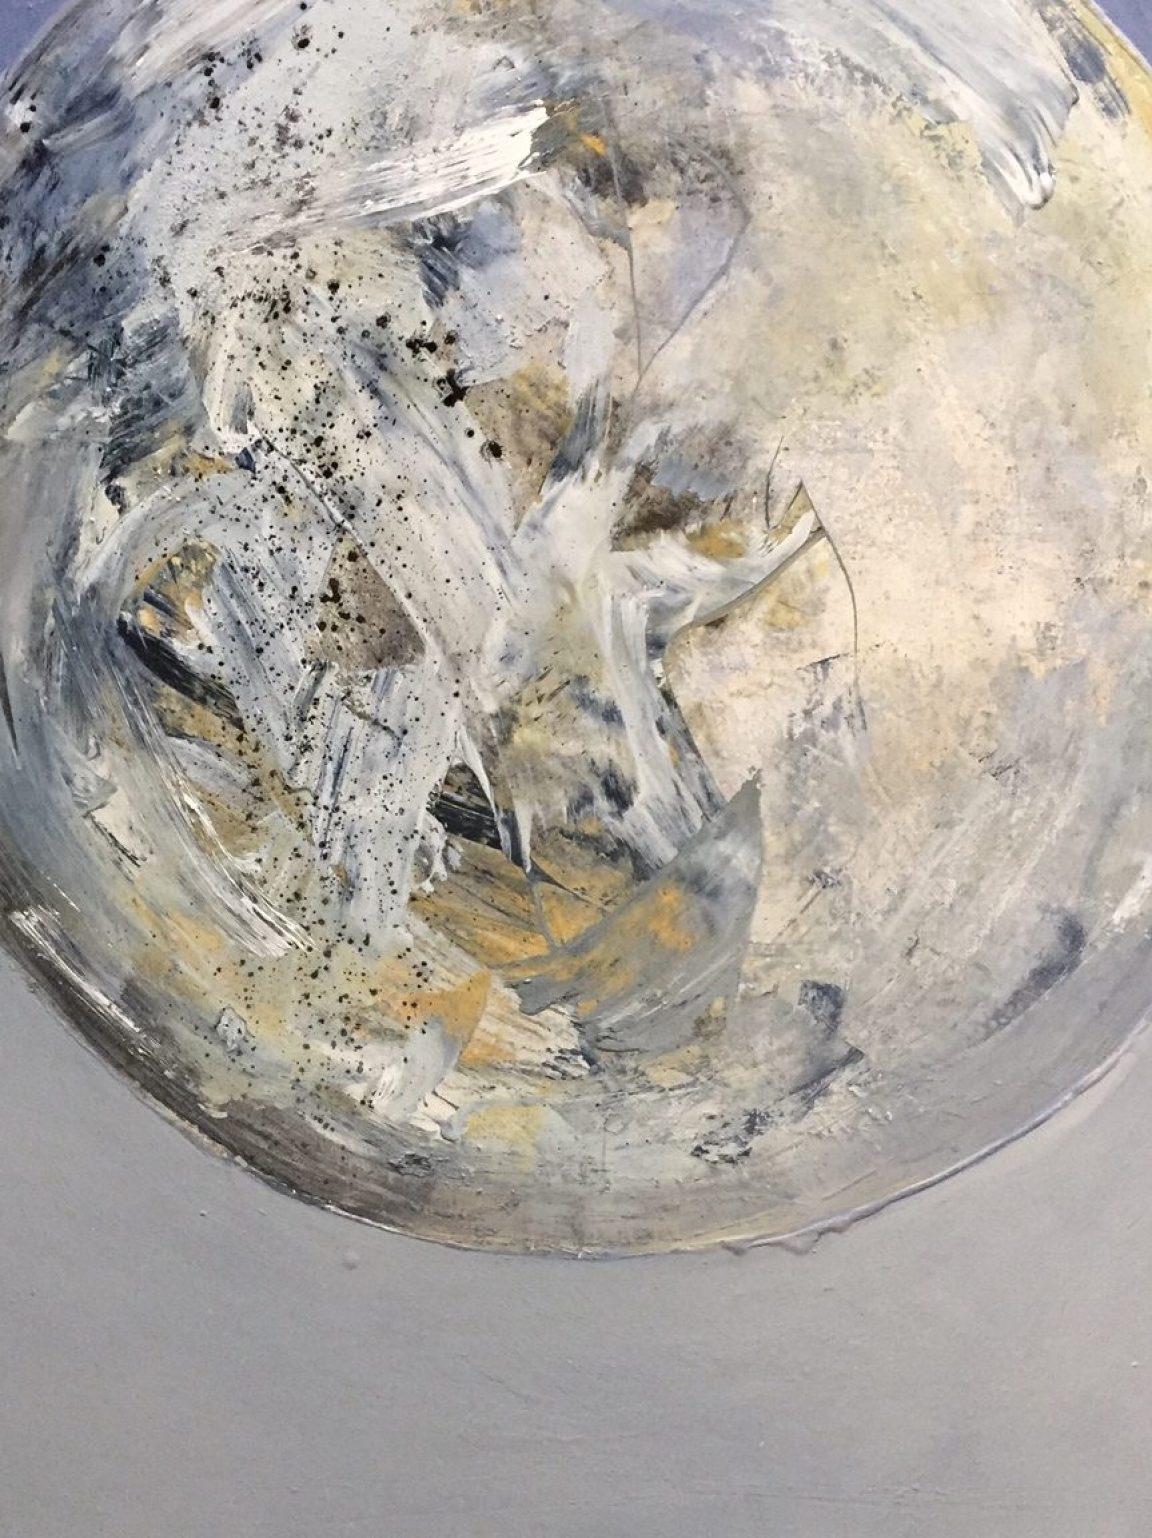 Moonwork, Storm, $6,5000.00